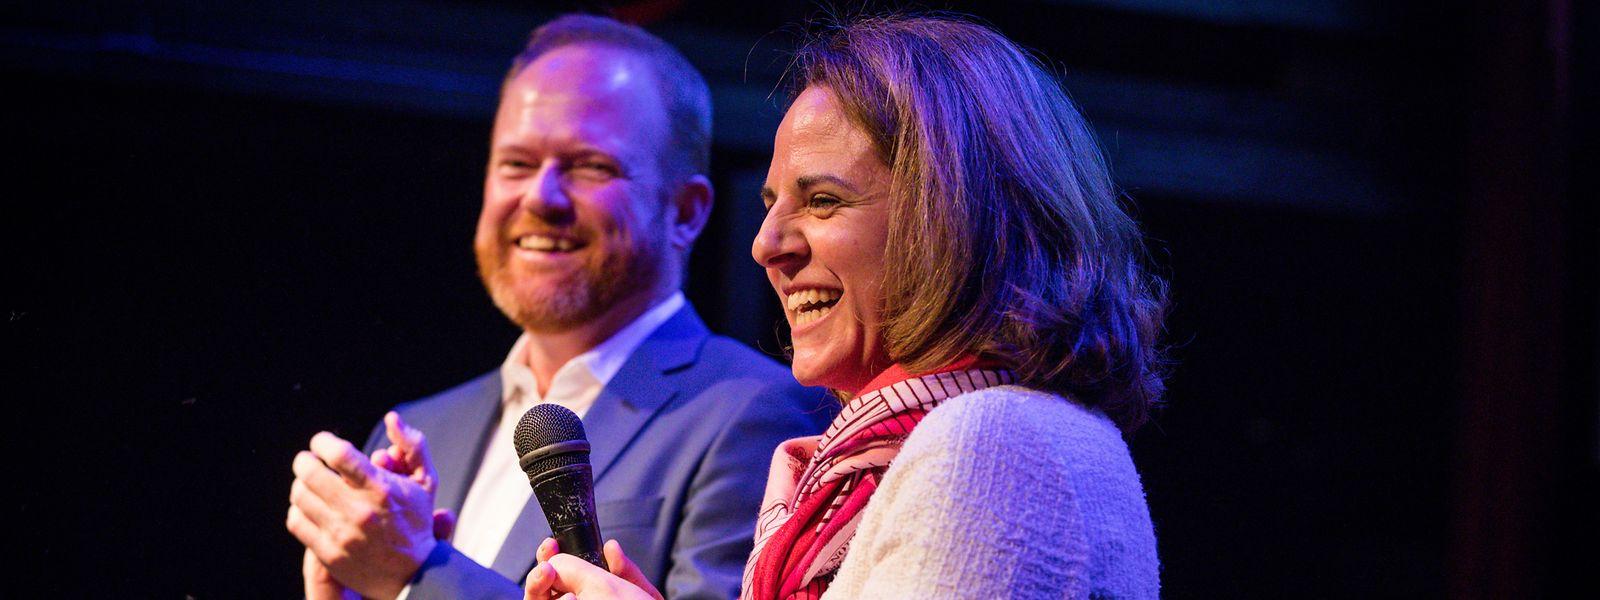 Wir geben Gas, wir haben Spaß: Corinne Cahen und Claude Lamberty.